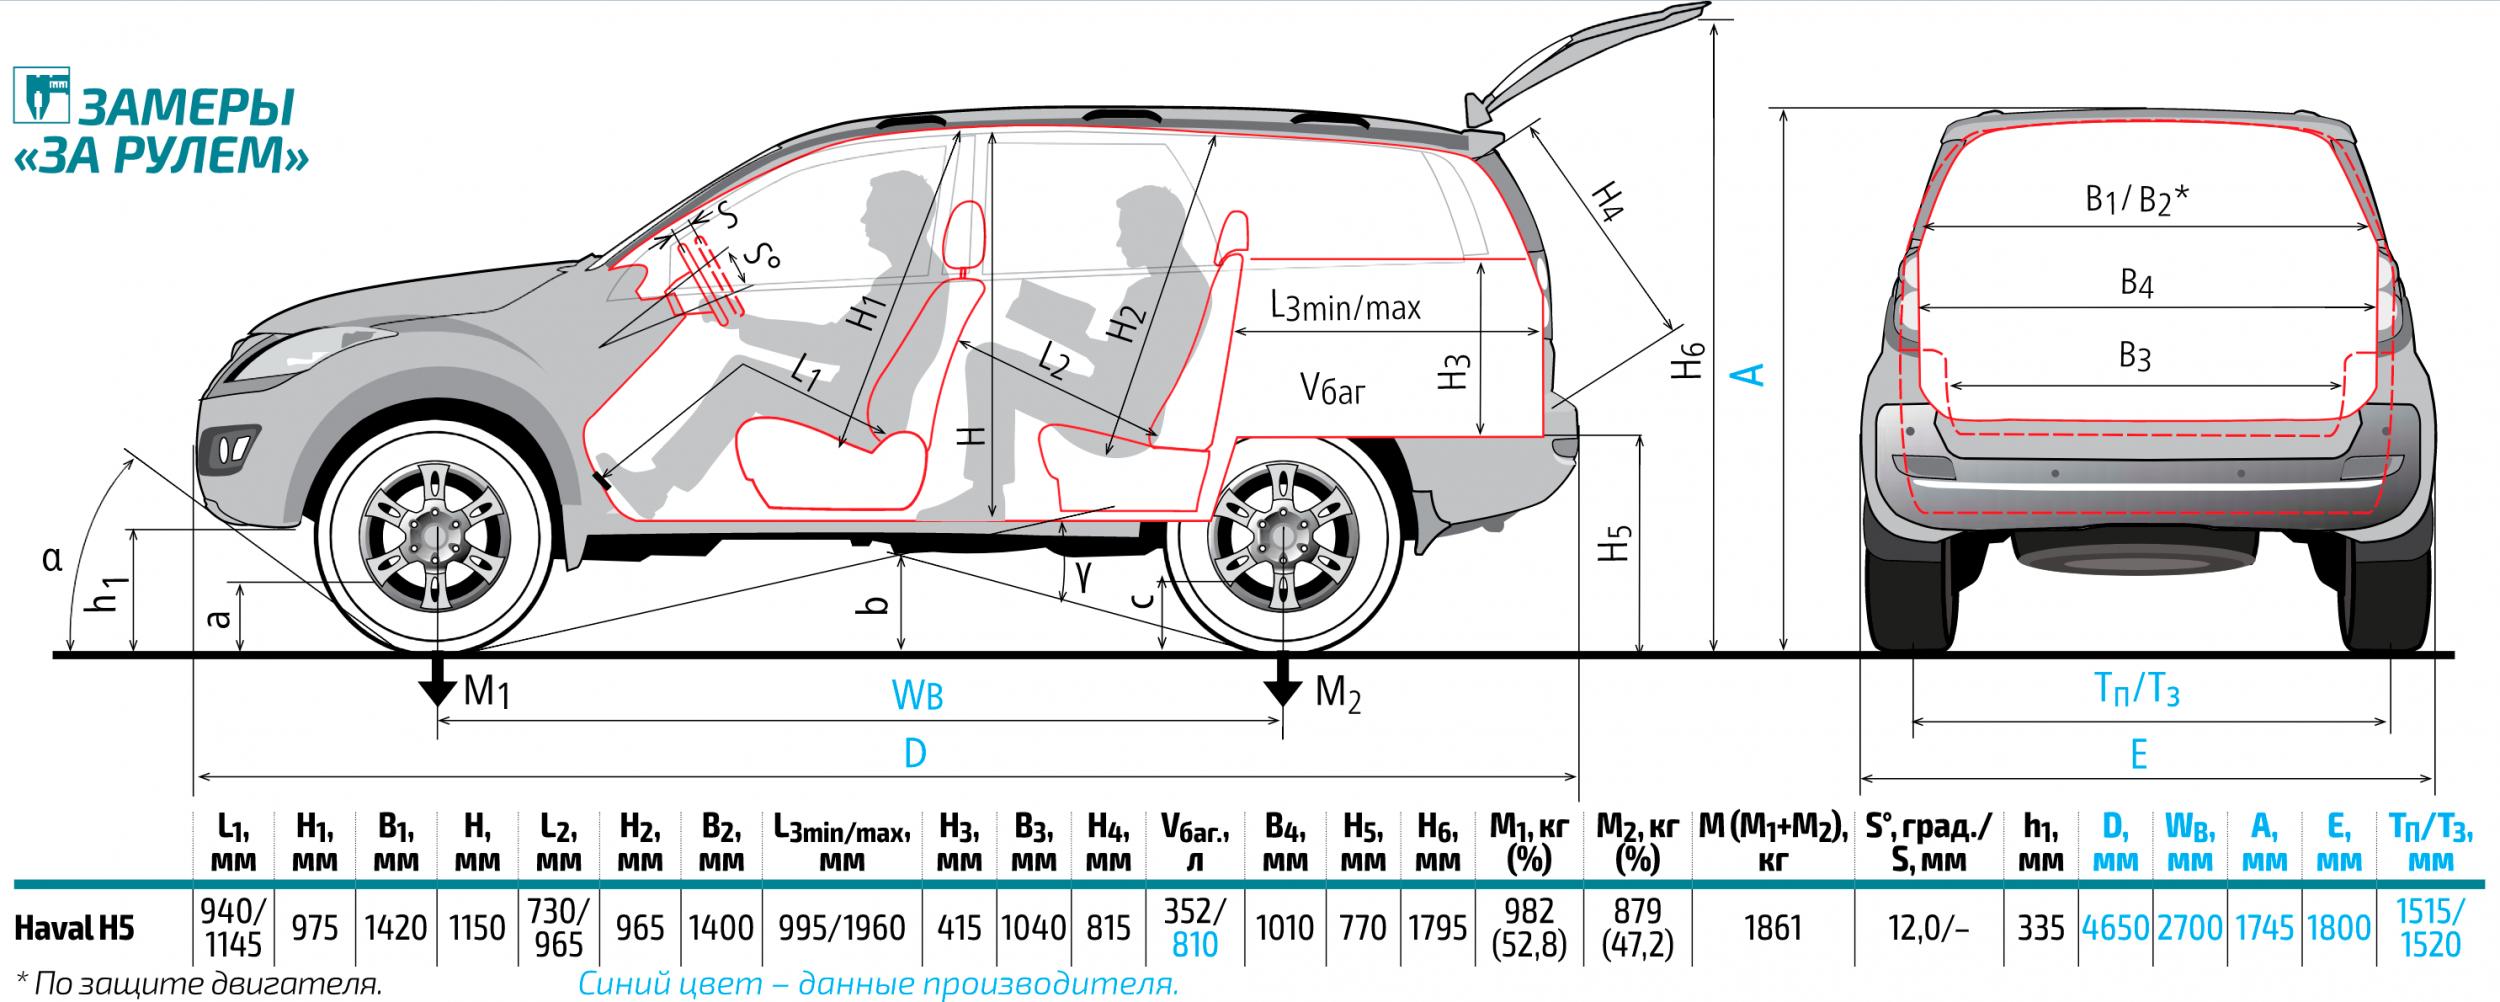 Размеры Haval H5.PNG